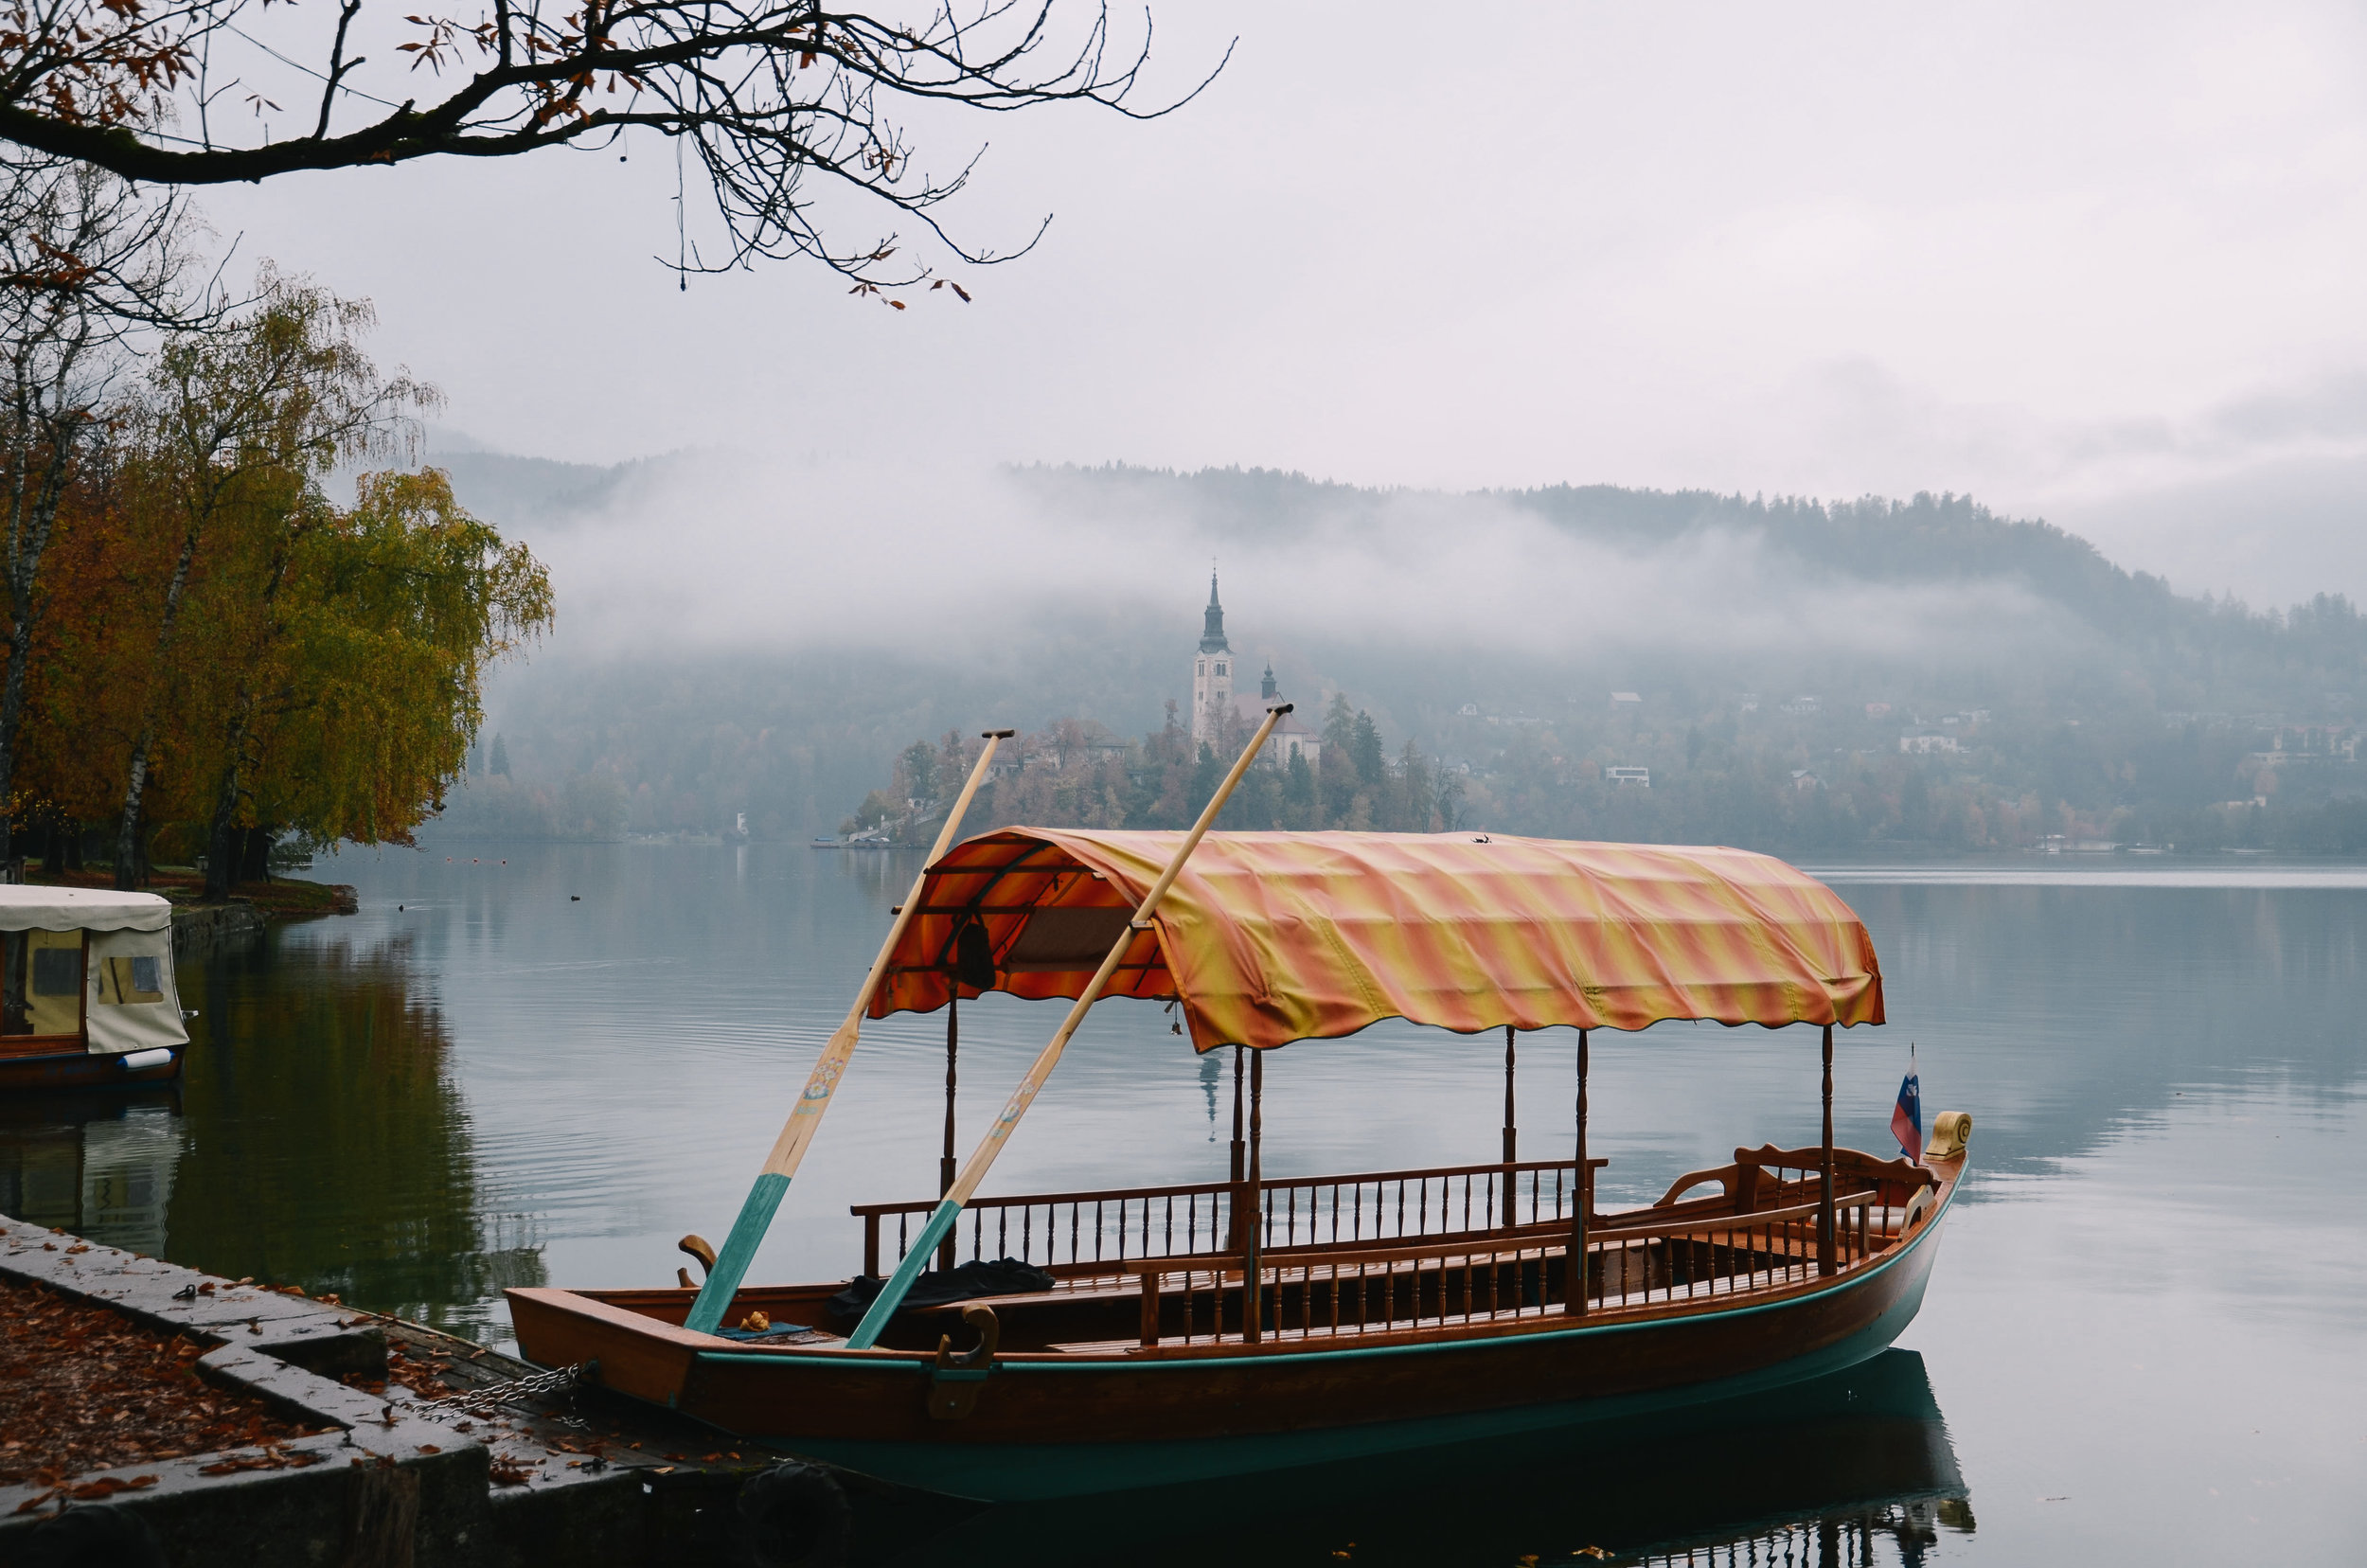 lake-bled-slovenia-travel-guide-lifeonpine_DSC_1326.jpg